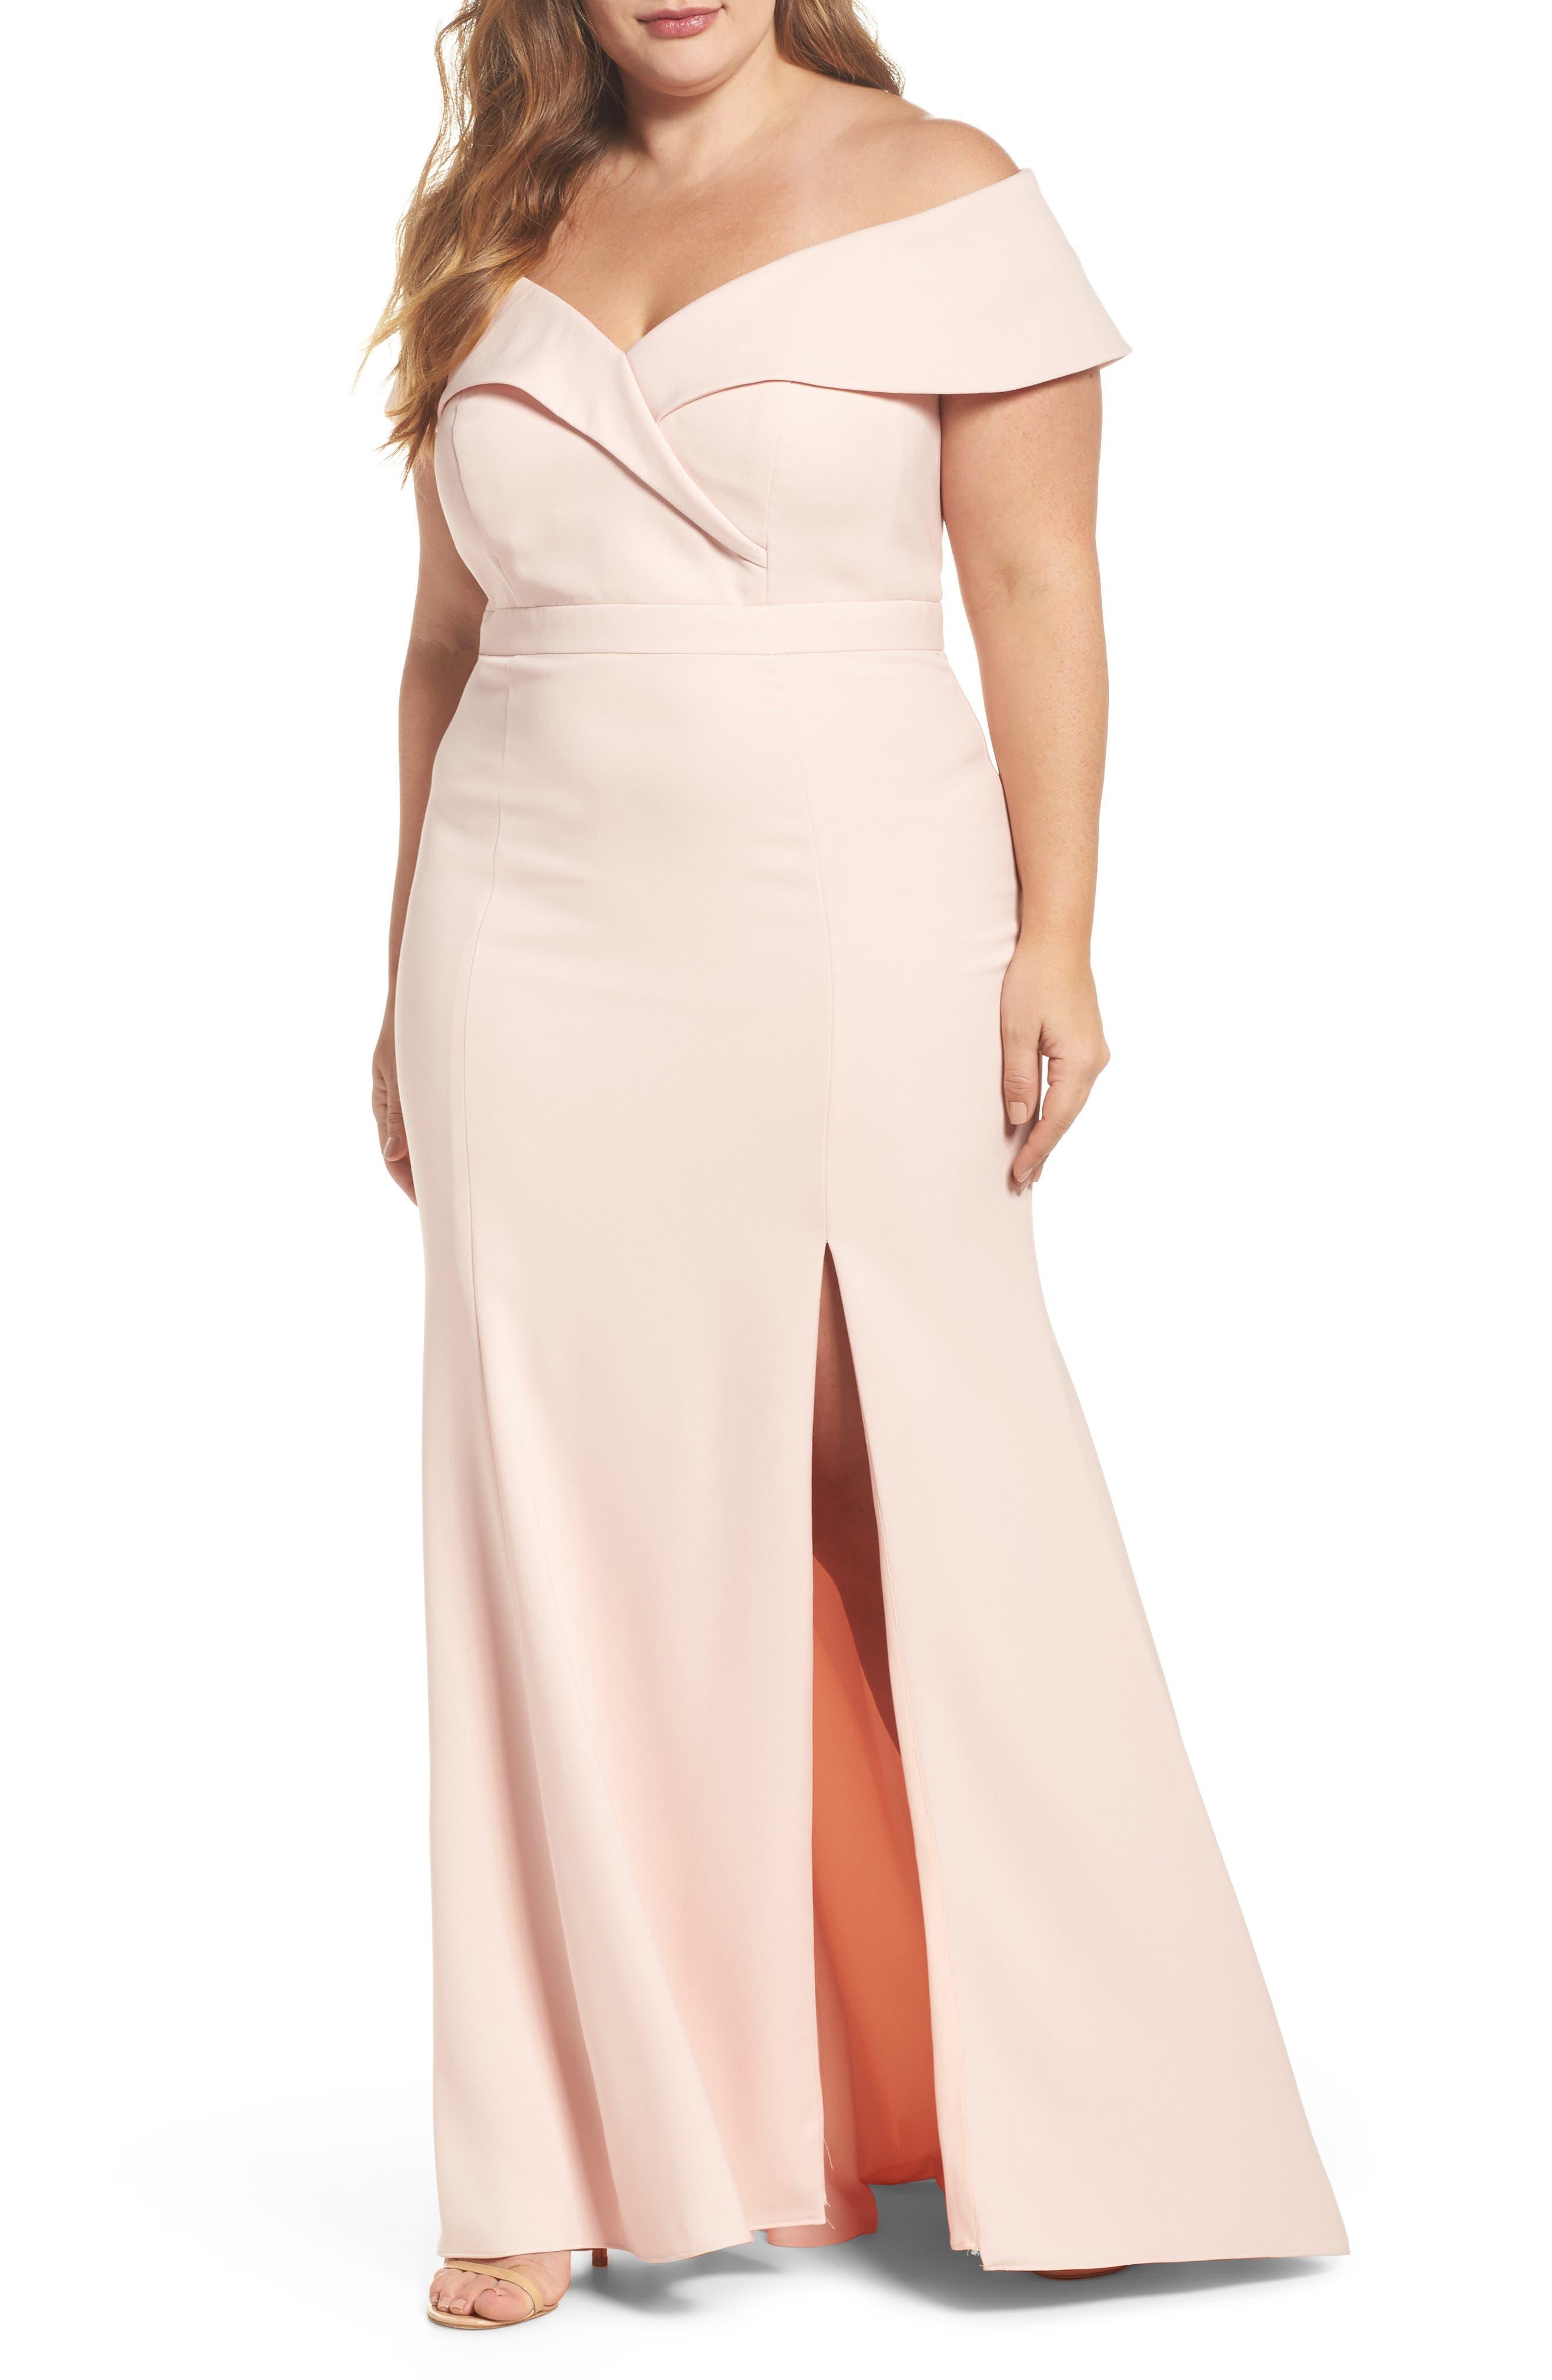 Xscape Off the Shoulder Front Slit Crepe Dress (Plus Size)